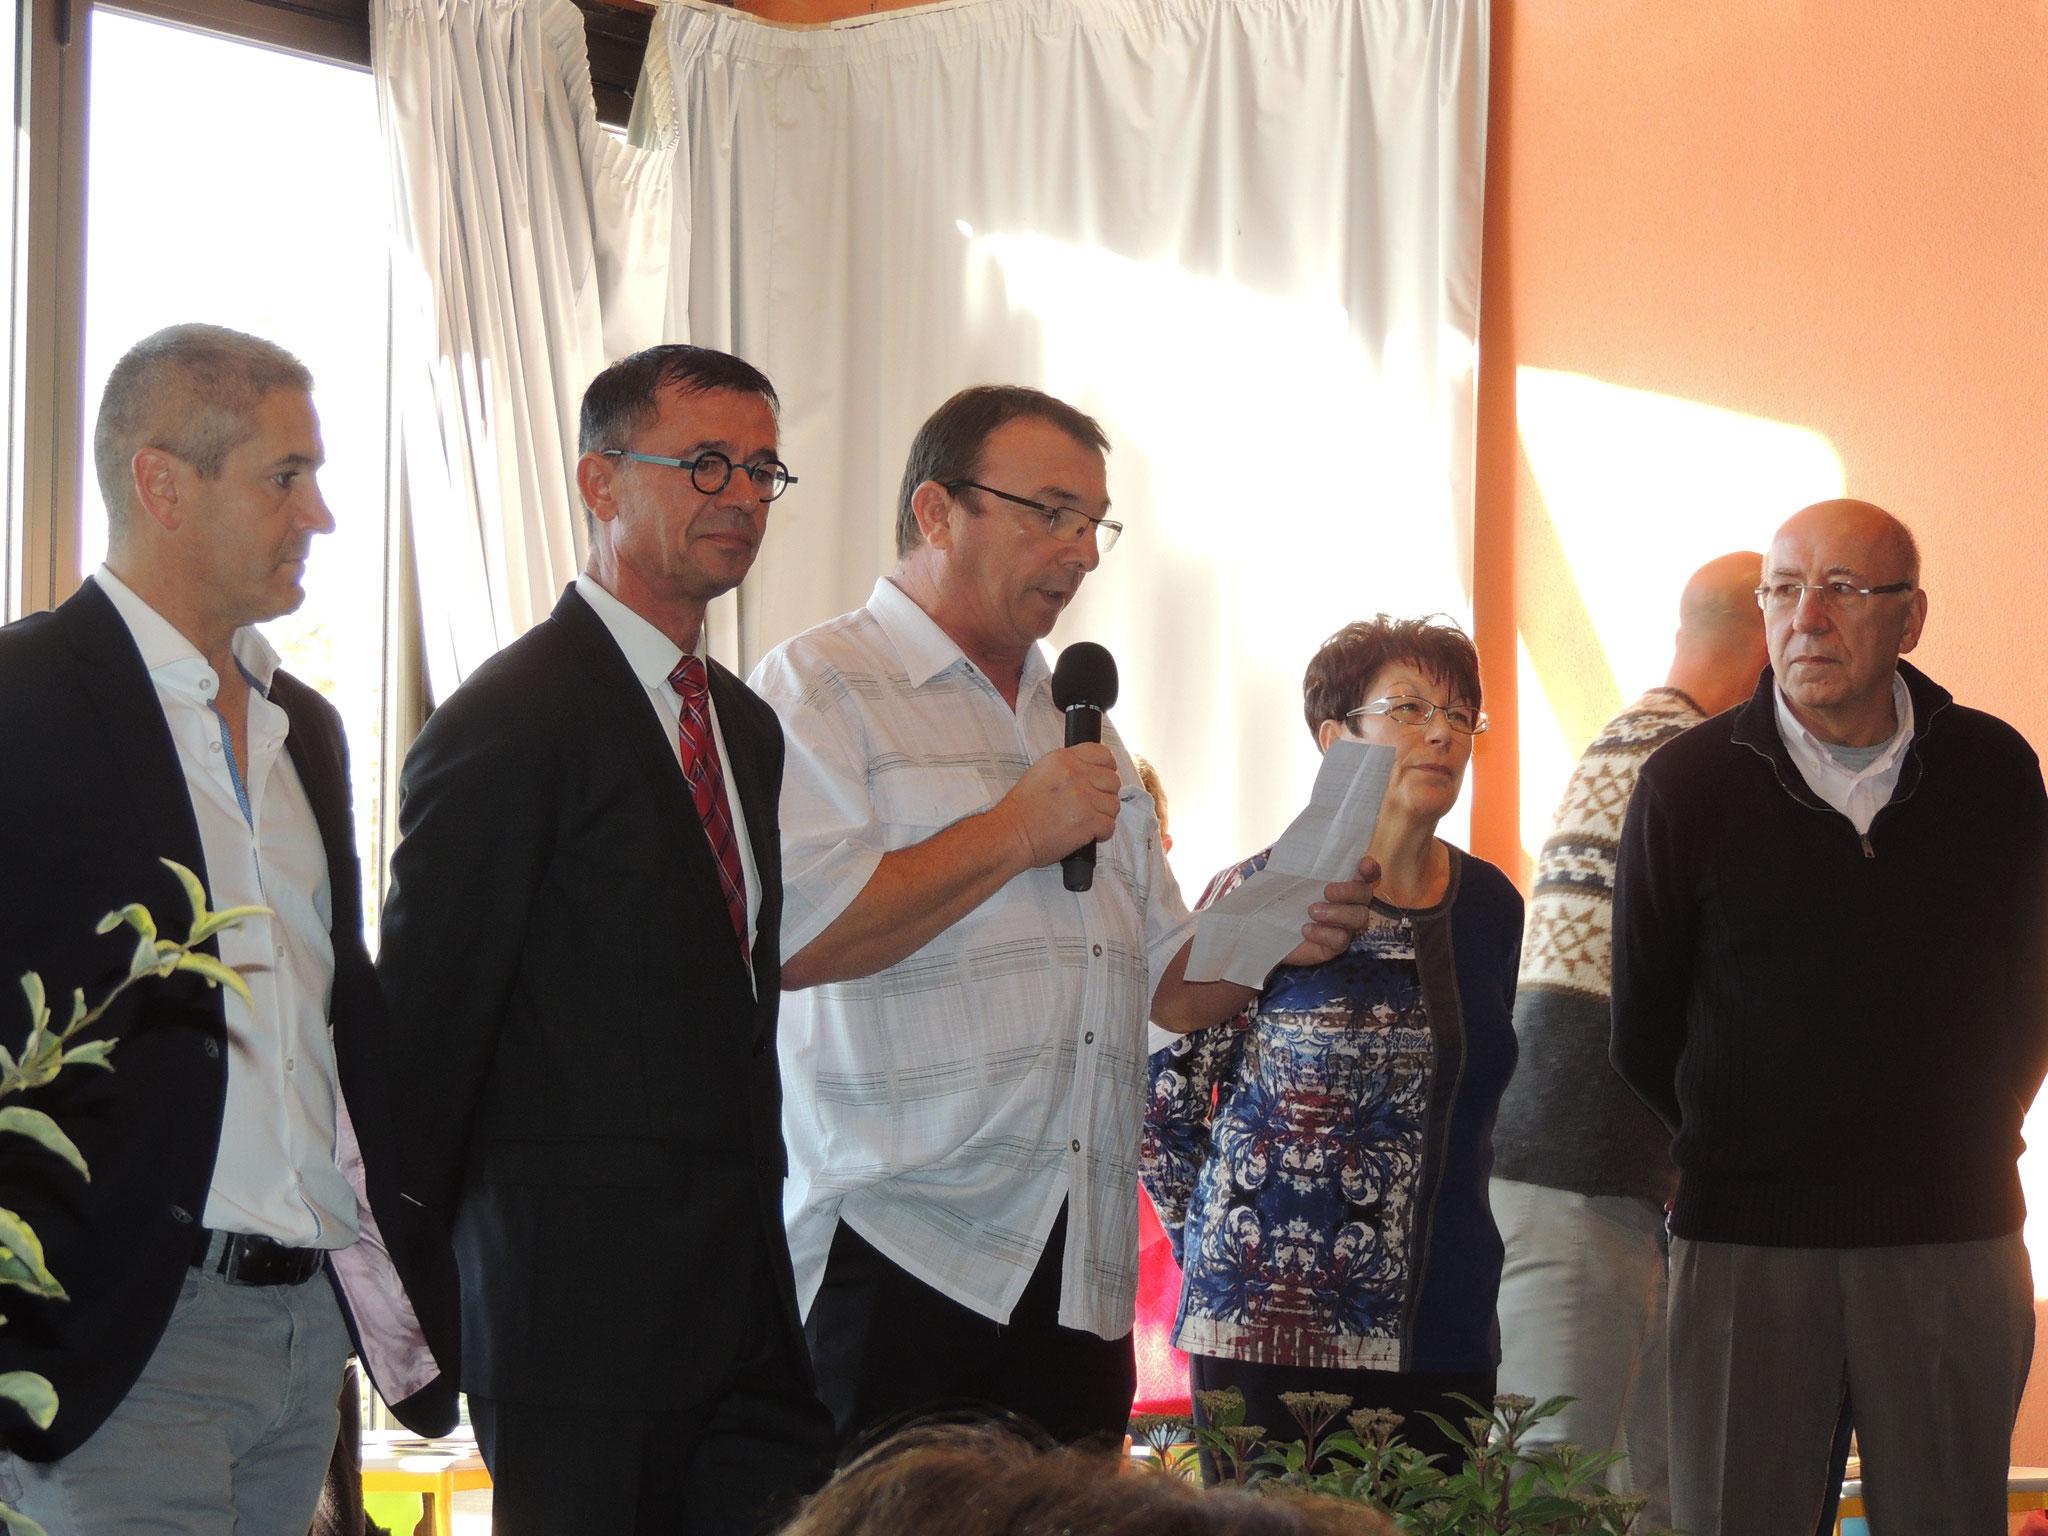 le Maire Thierry Toubert avec à sa droite Joël Aviragnet député suppléant de Carole Delga et à sa gauche Danielle Cazeneuve Présidente de l'association organisatrice